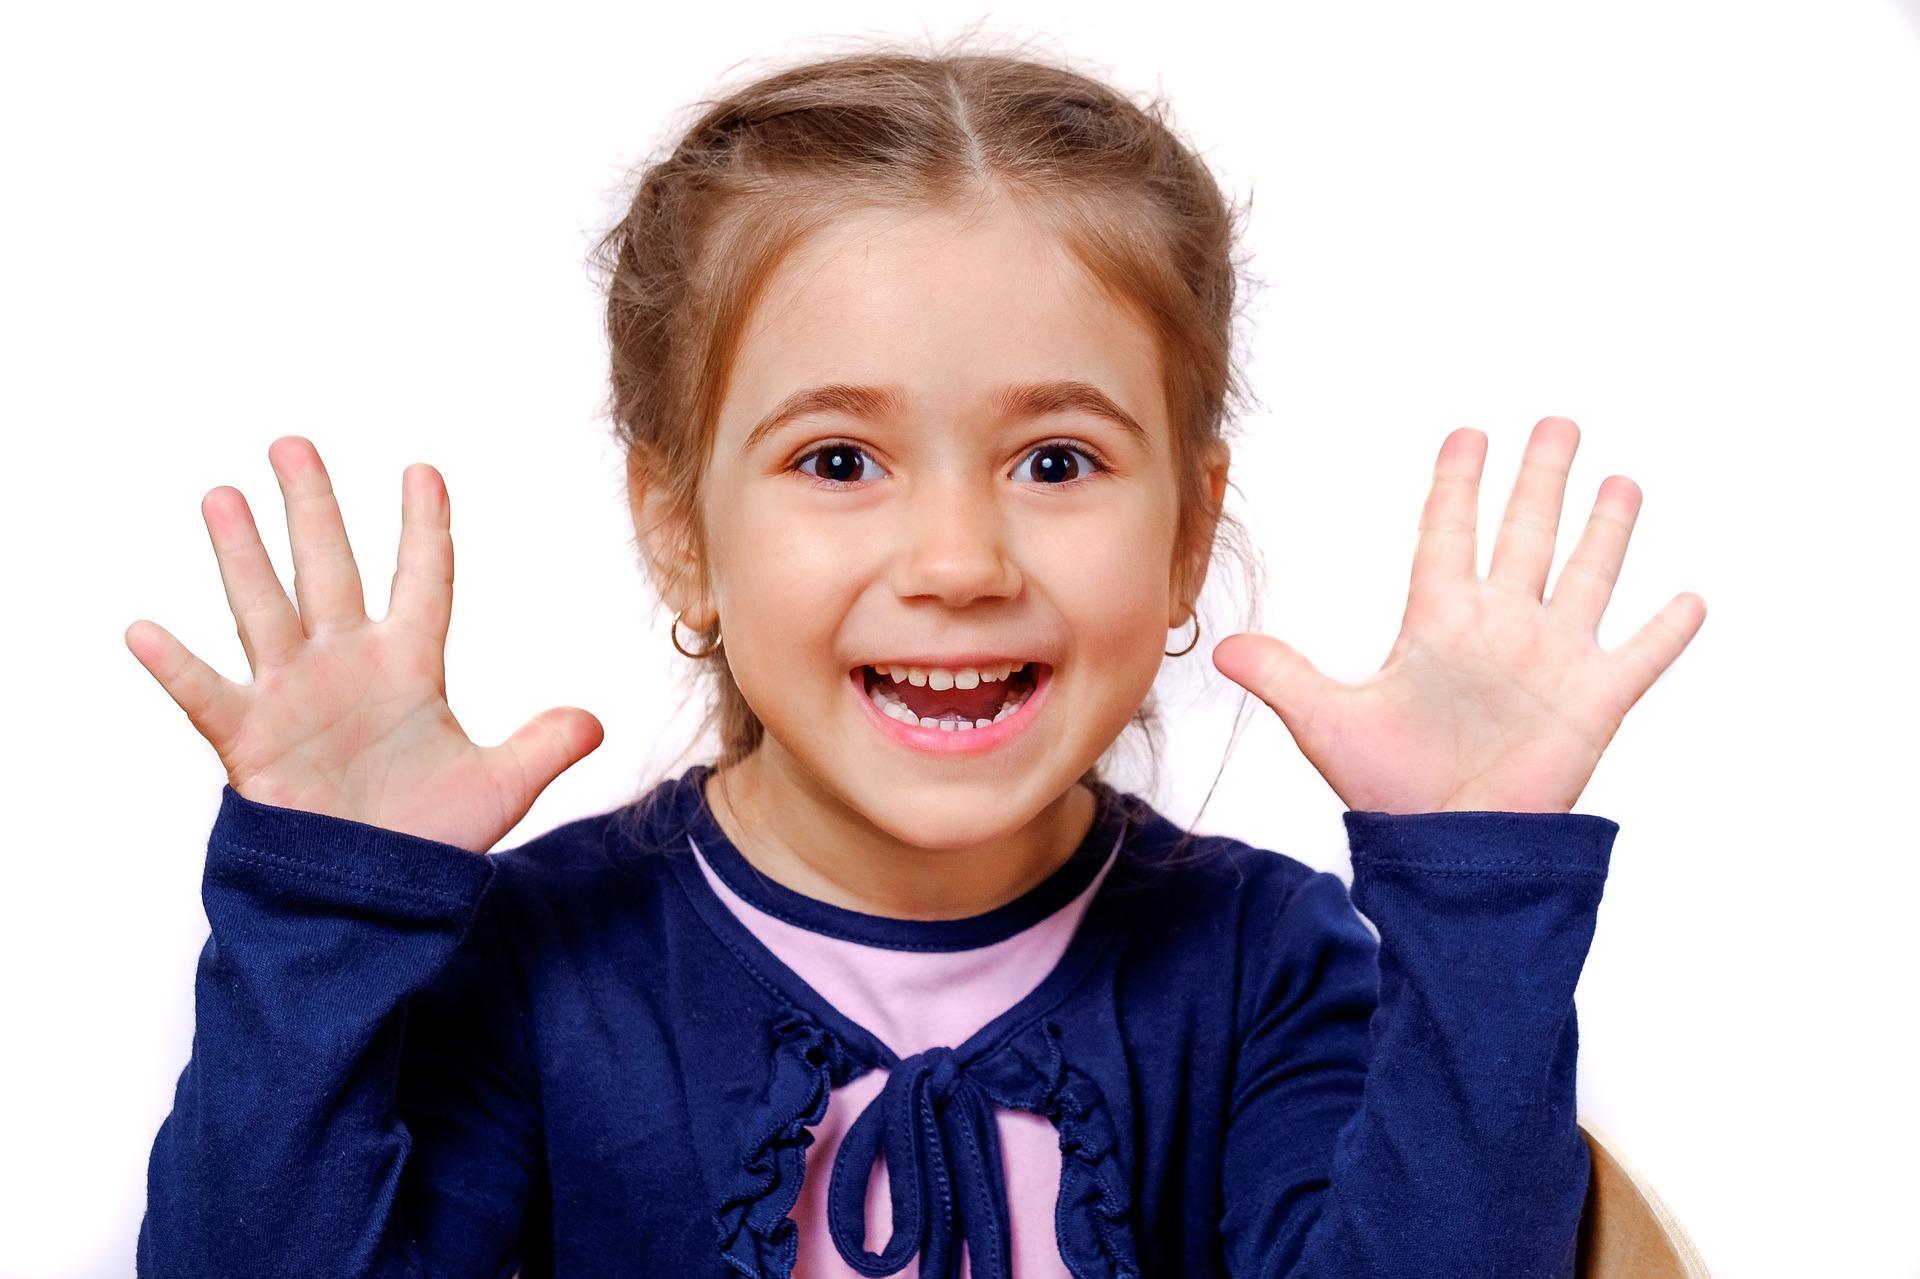 Kwalifikacyjny kurs opiekun/opiekunka w żłobku lub klubie dziecięcym